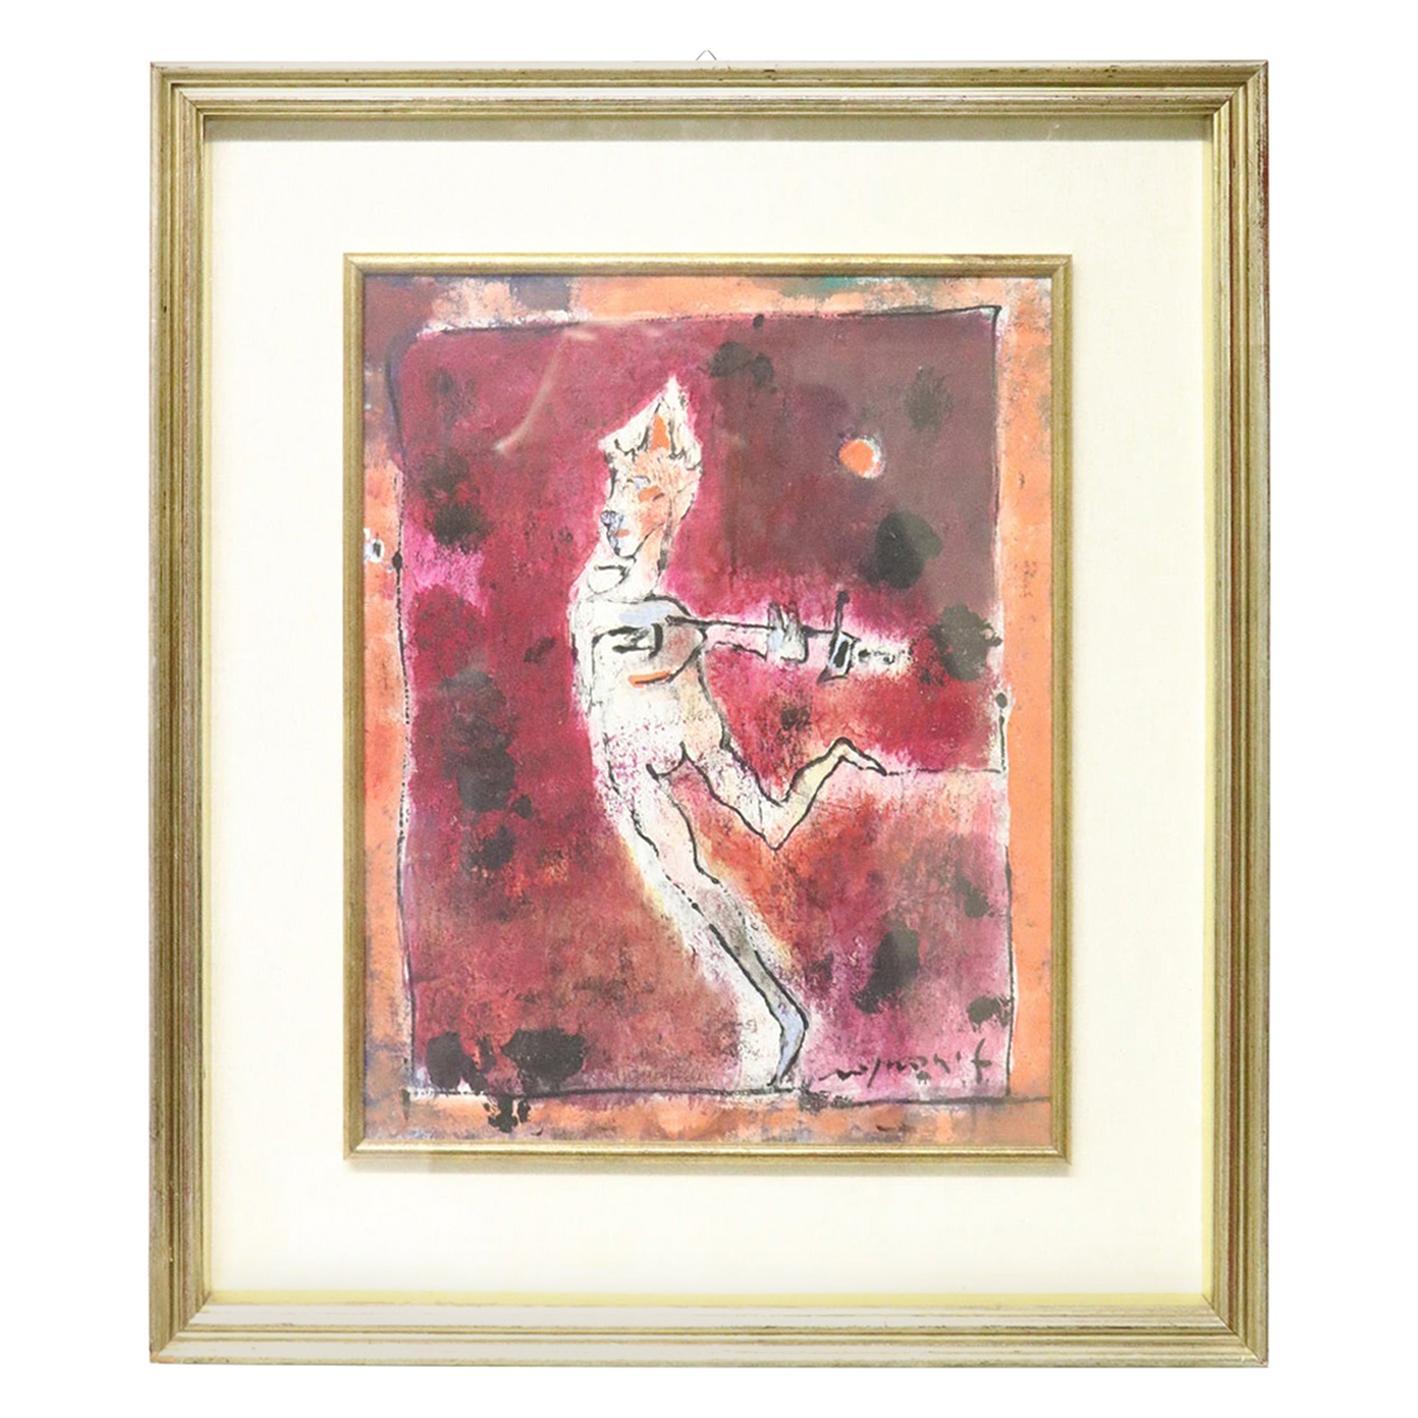 20th Century Italian Artist Tempera on Paper by Franco Rognoni